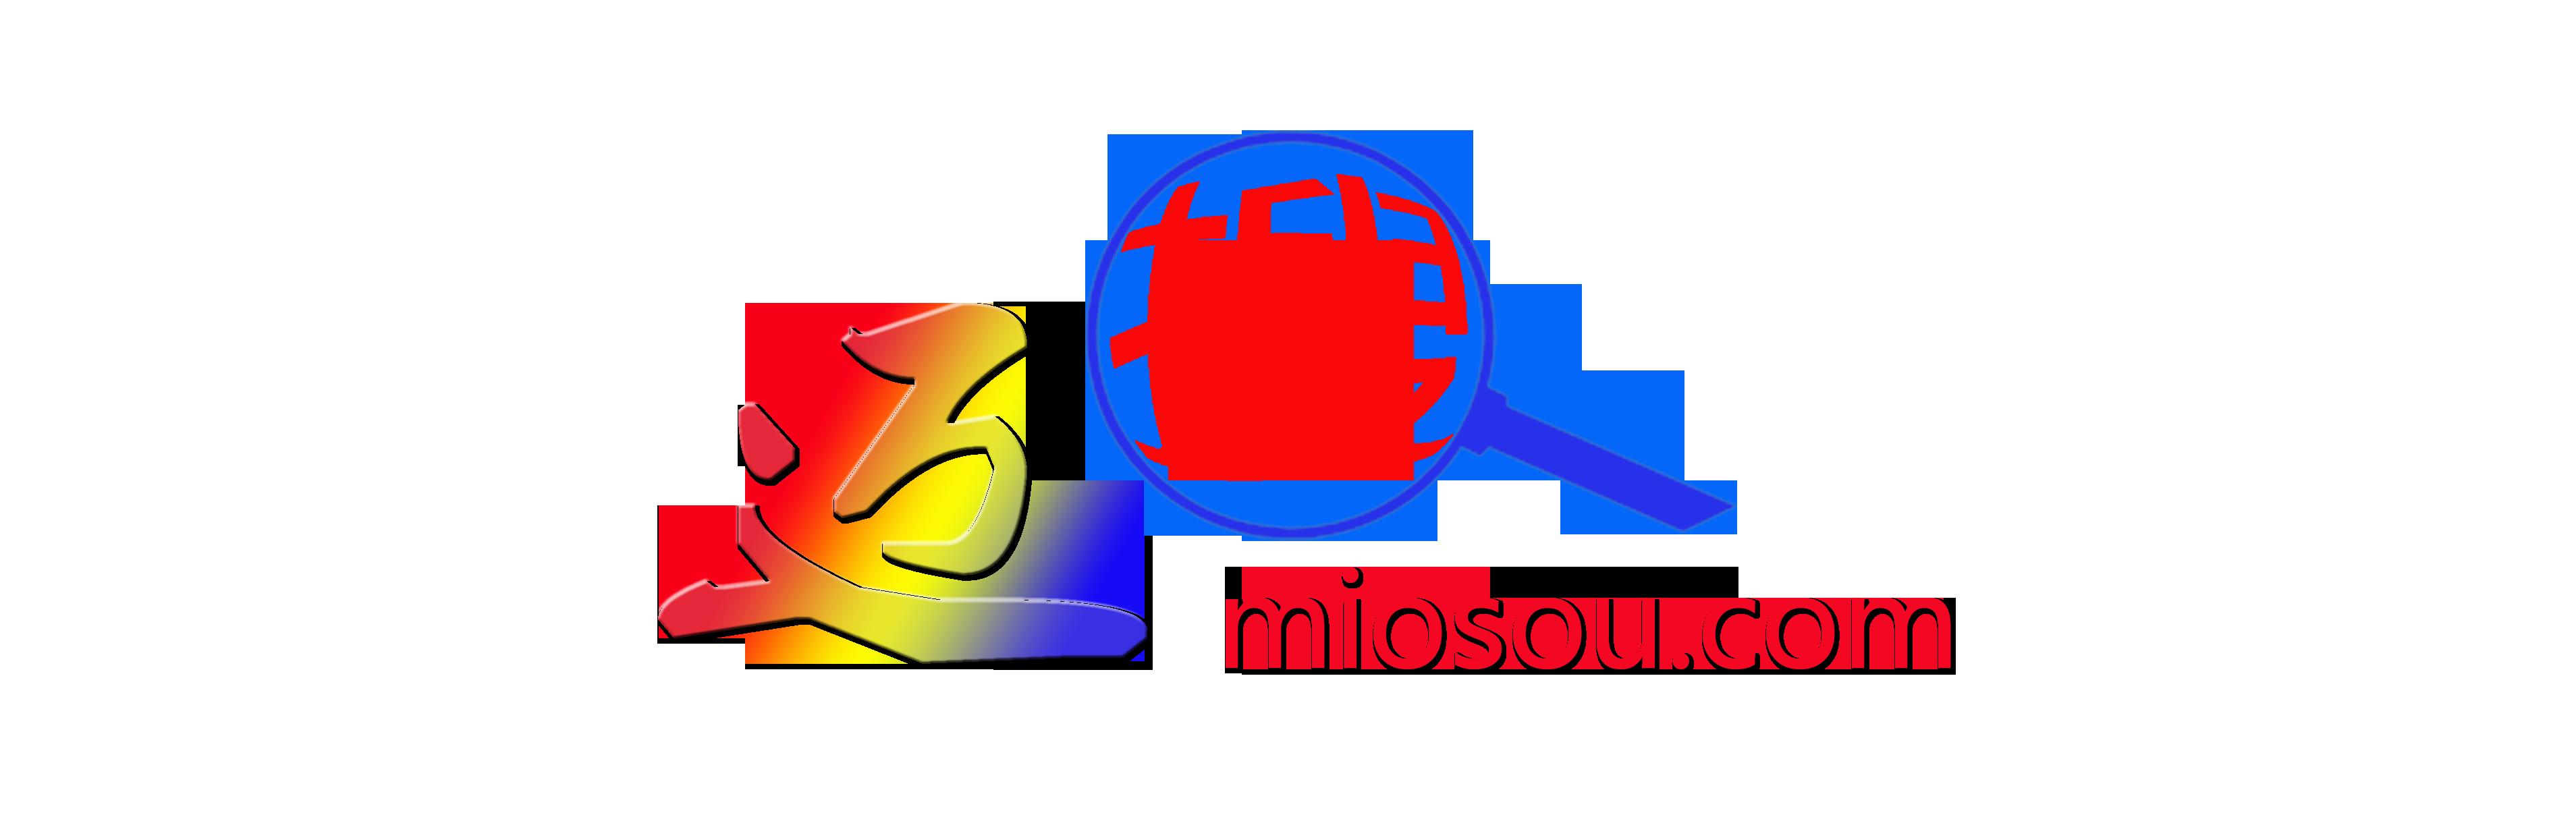 西安迈搜信息科技有限公司